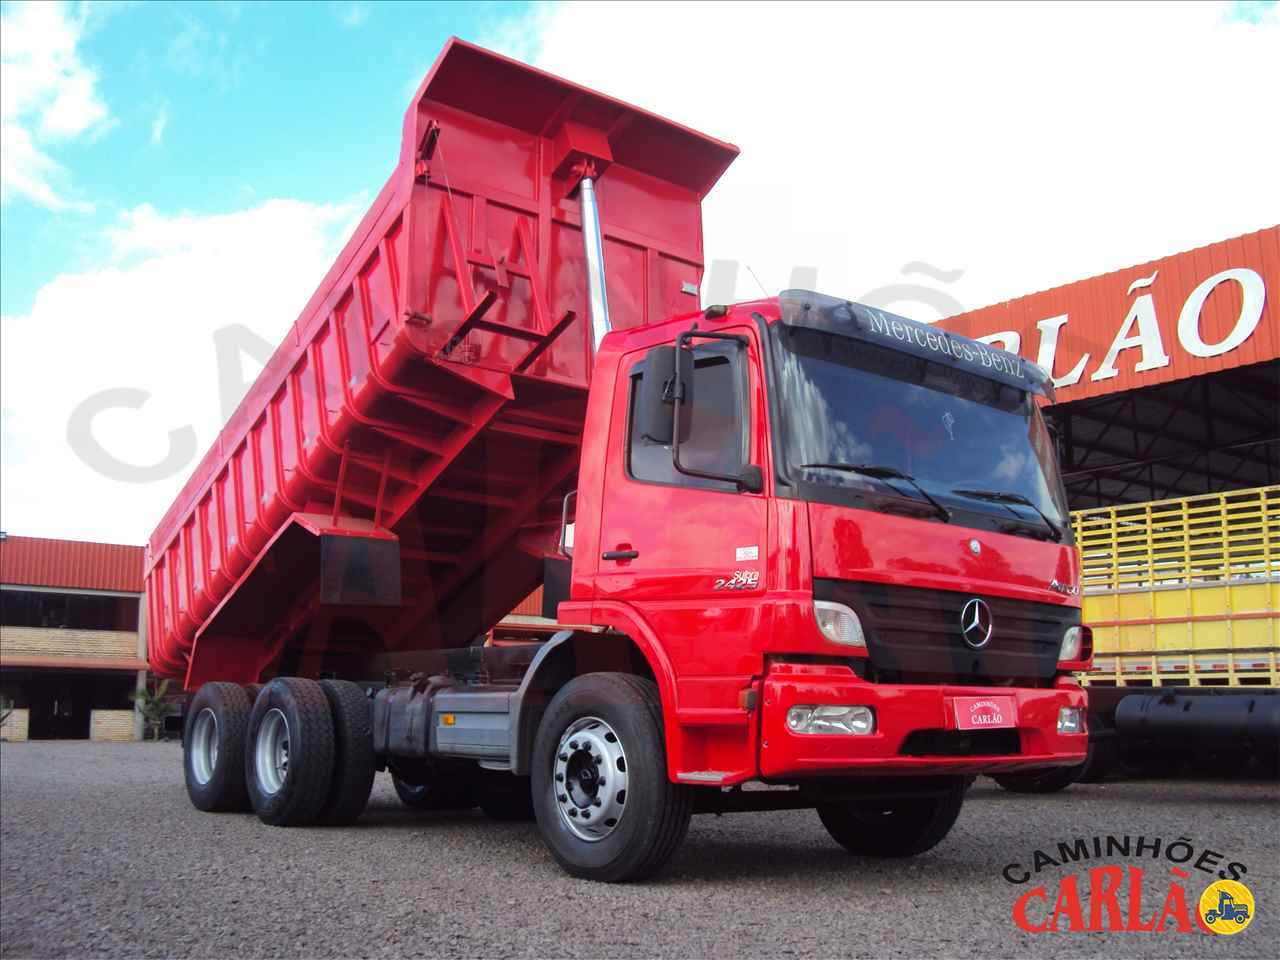 CAMINHAO MERCEDES-BENZ MB 2425 Caçamba Basculante Truck 6x2 Carlão Caminhões CARAZINHO RIO GRANDE DO SUL RS